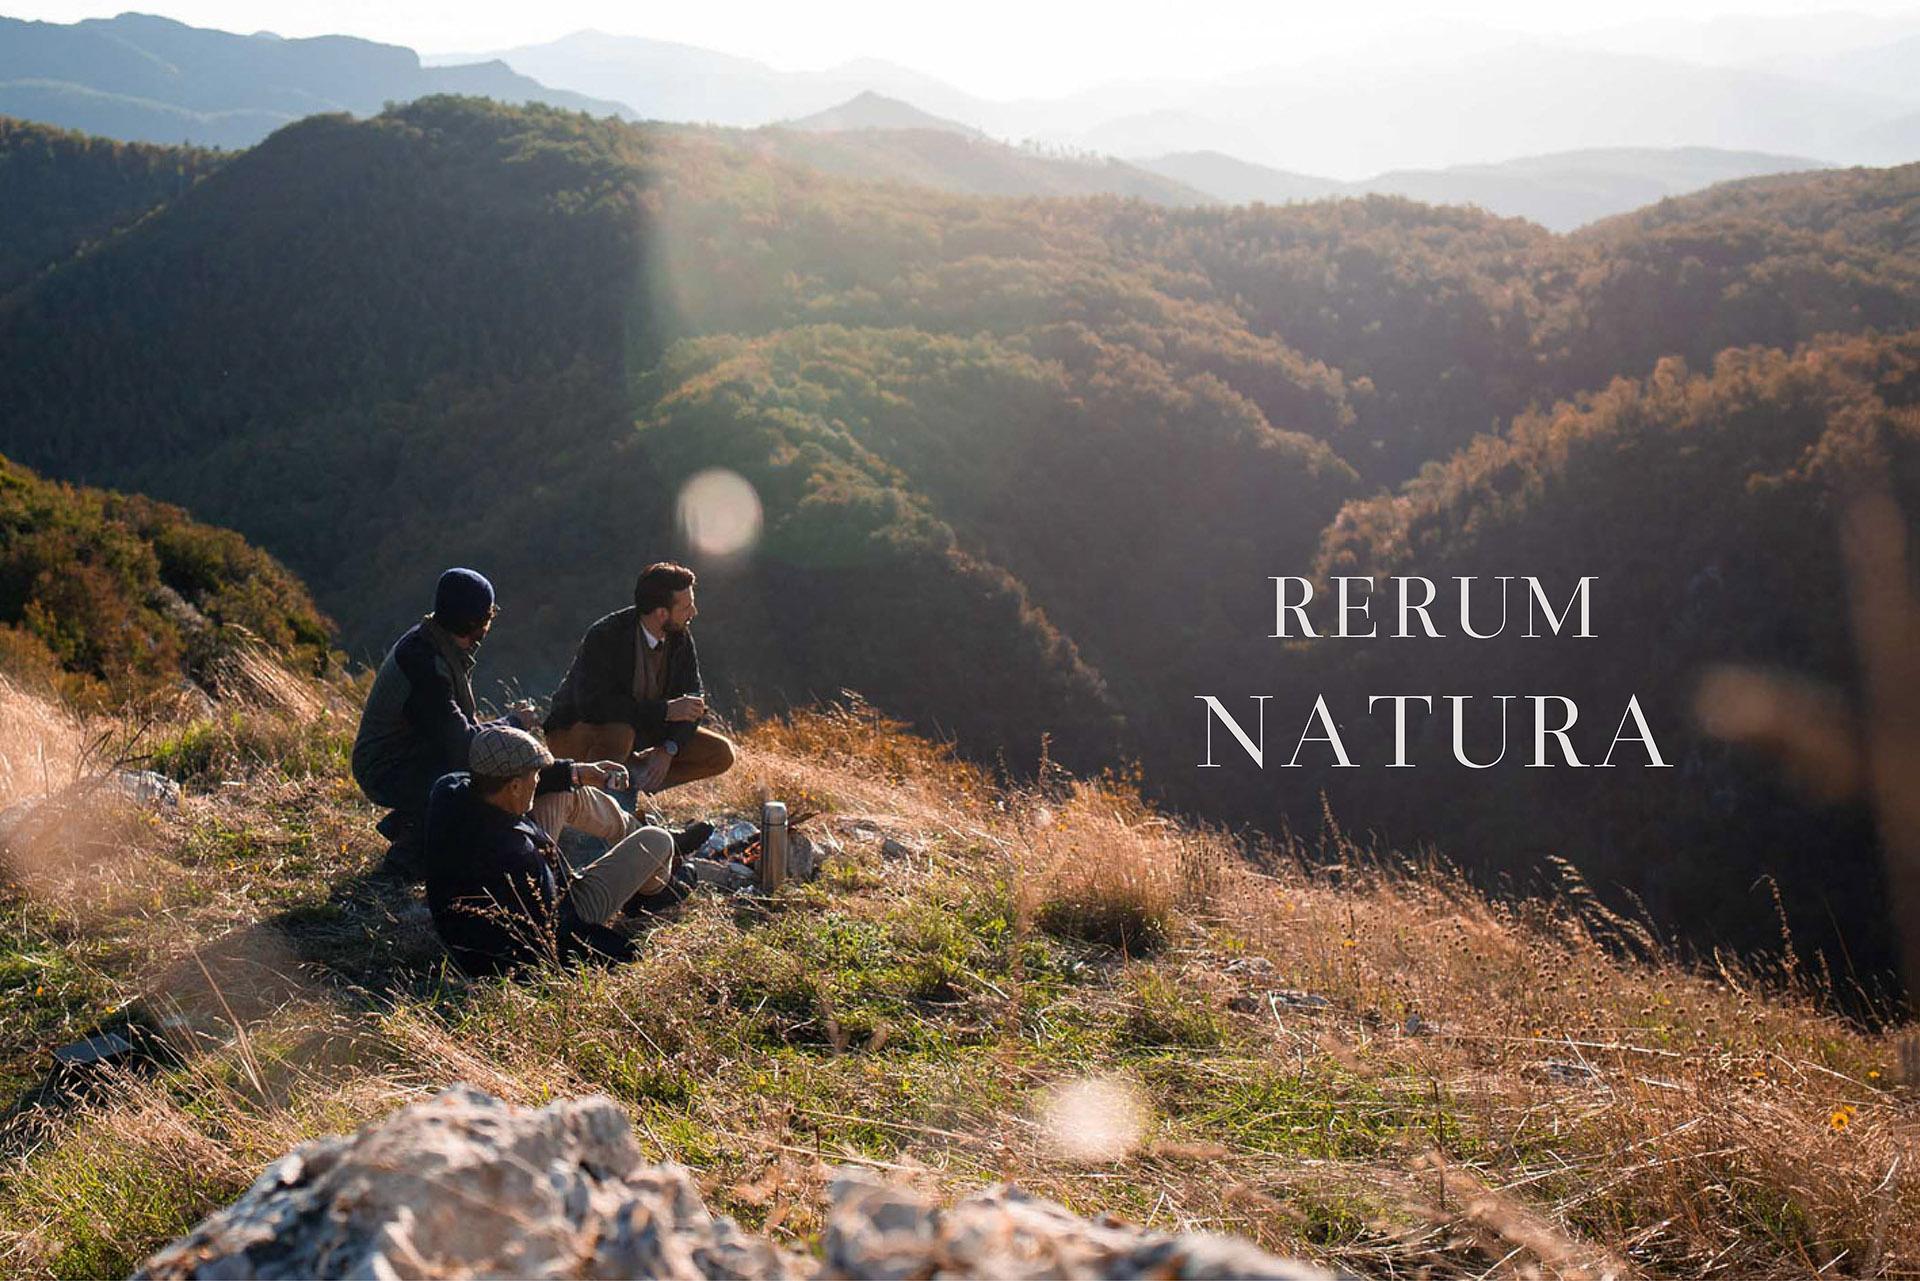 Un incontro tra generazioni nella verde Umbria attraverso la natura nel segno dell'eleganza e della bellezza